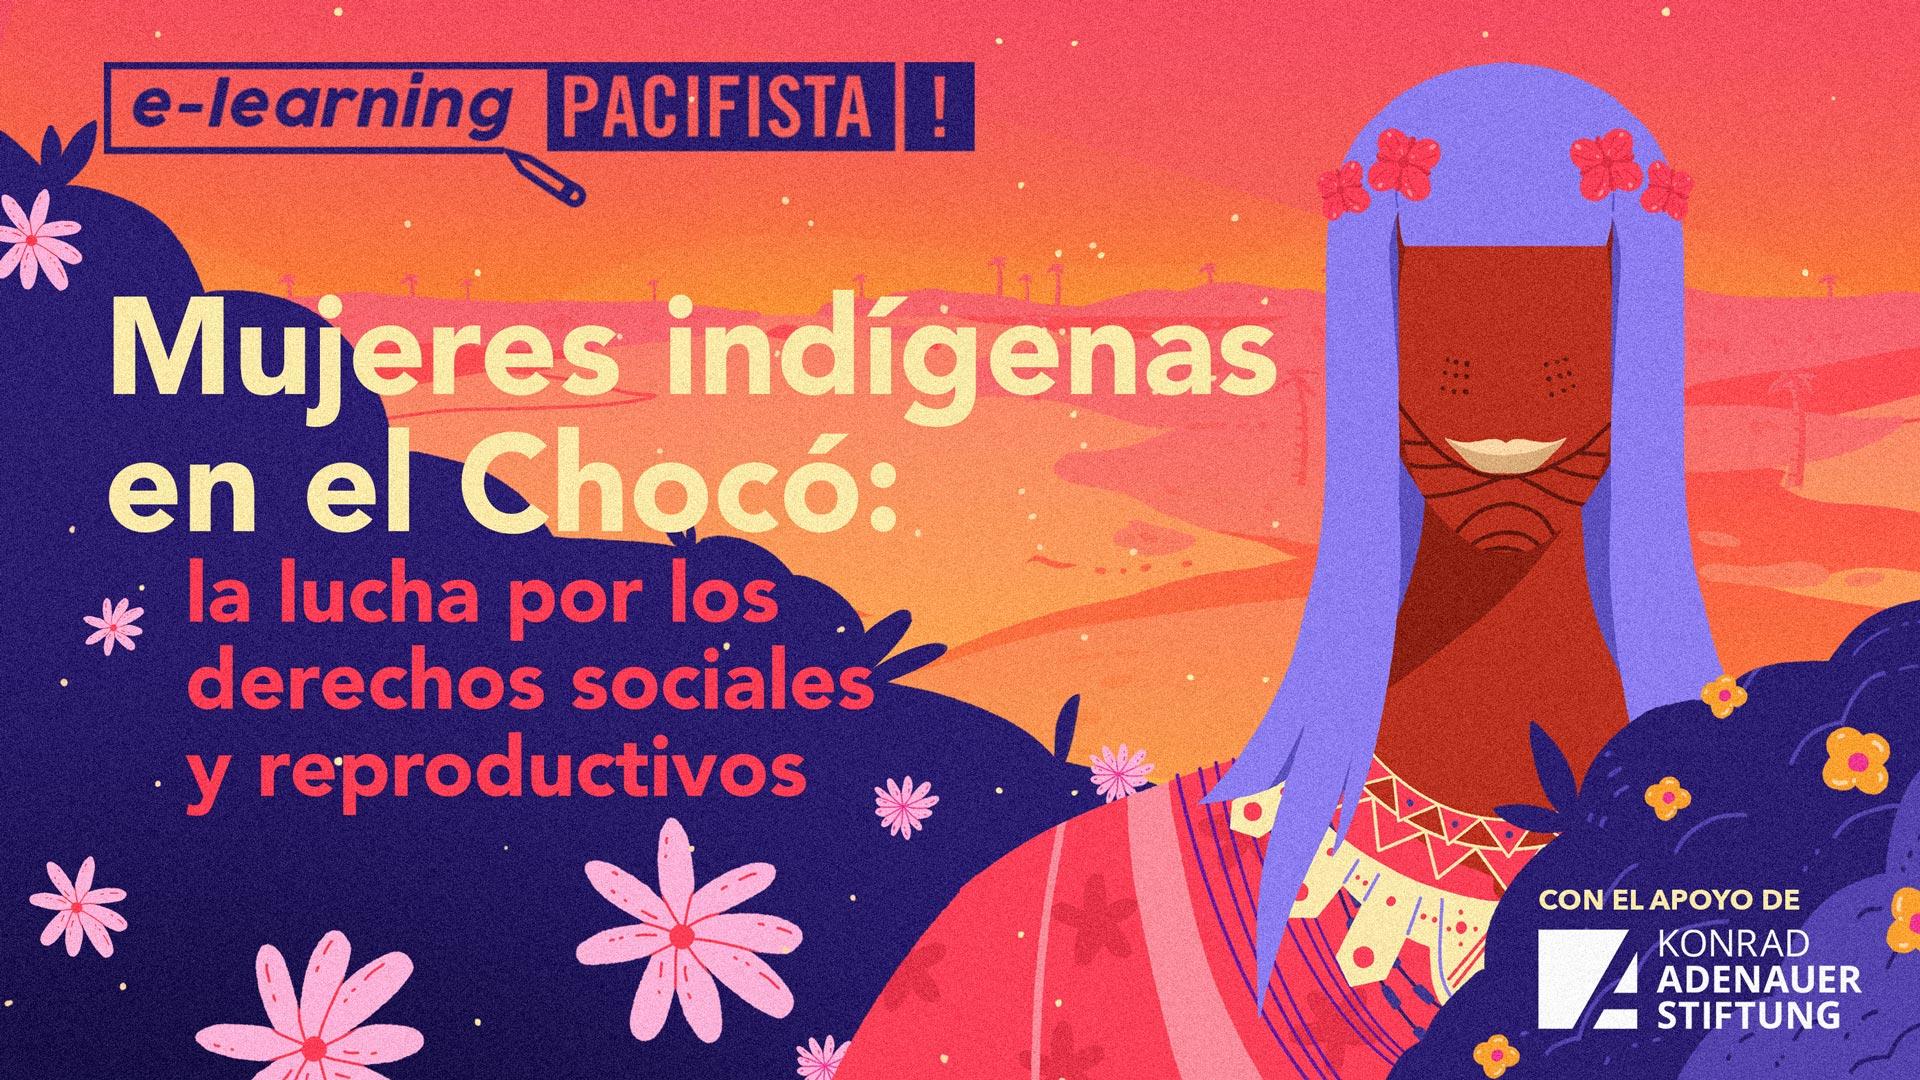 Mujeres indígenas del Chocó: la lucha por los derechos sociales y reproductivos